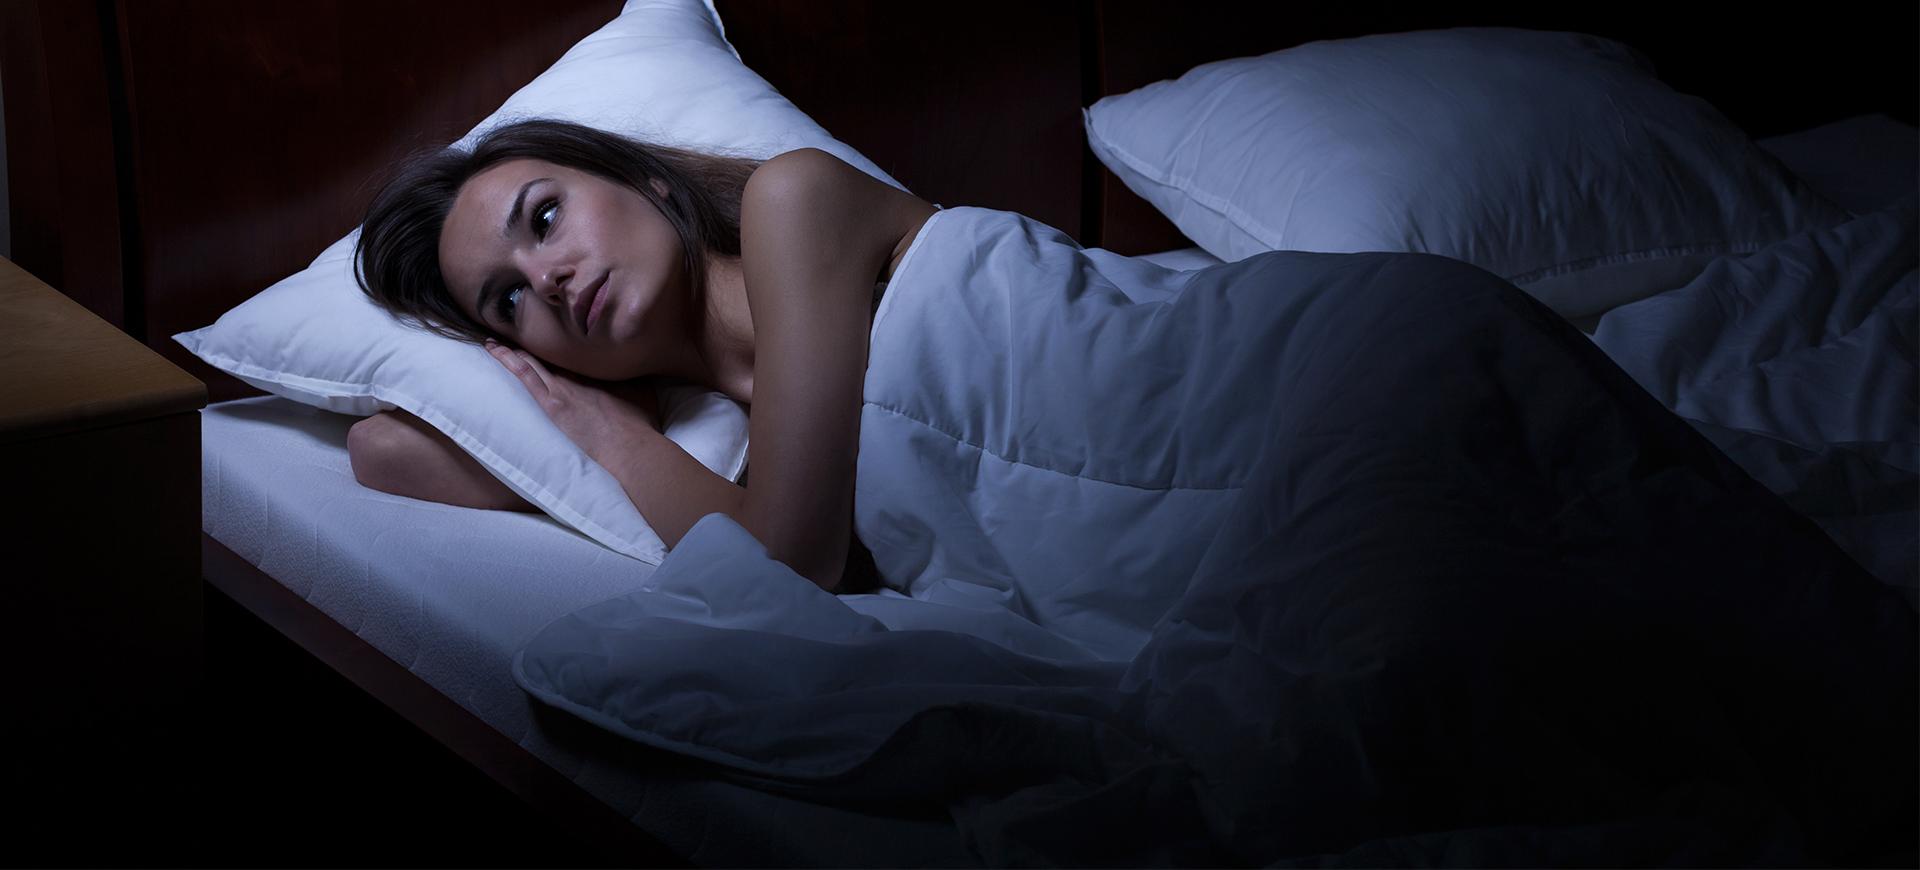 vaknar klockan 3 varje natt